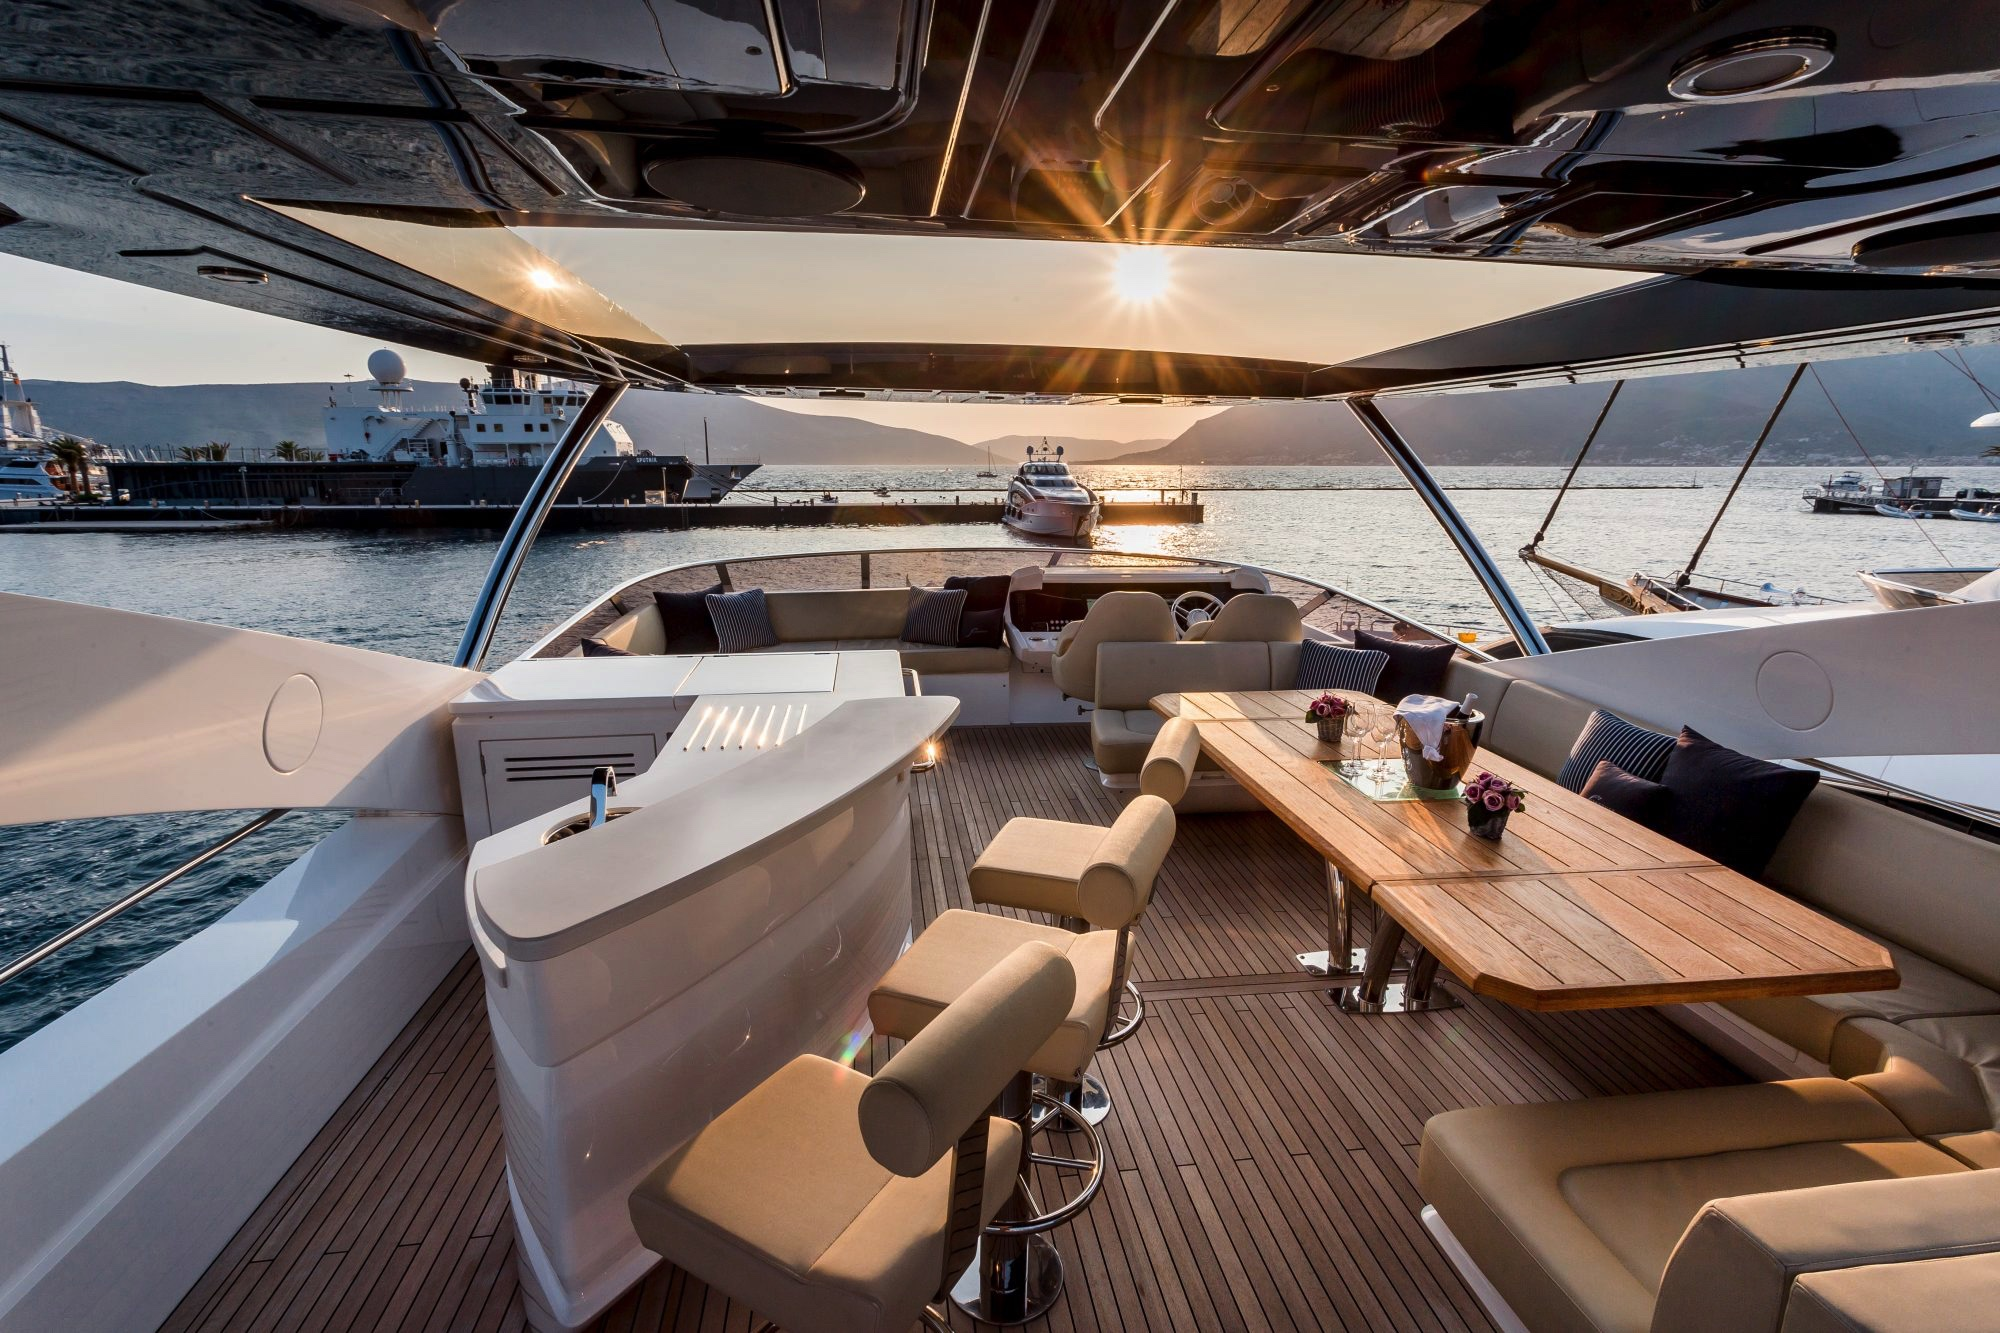 Sunseeker 86 Yacht - Stardust of Poole - Flybridge